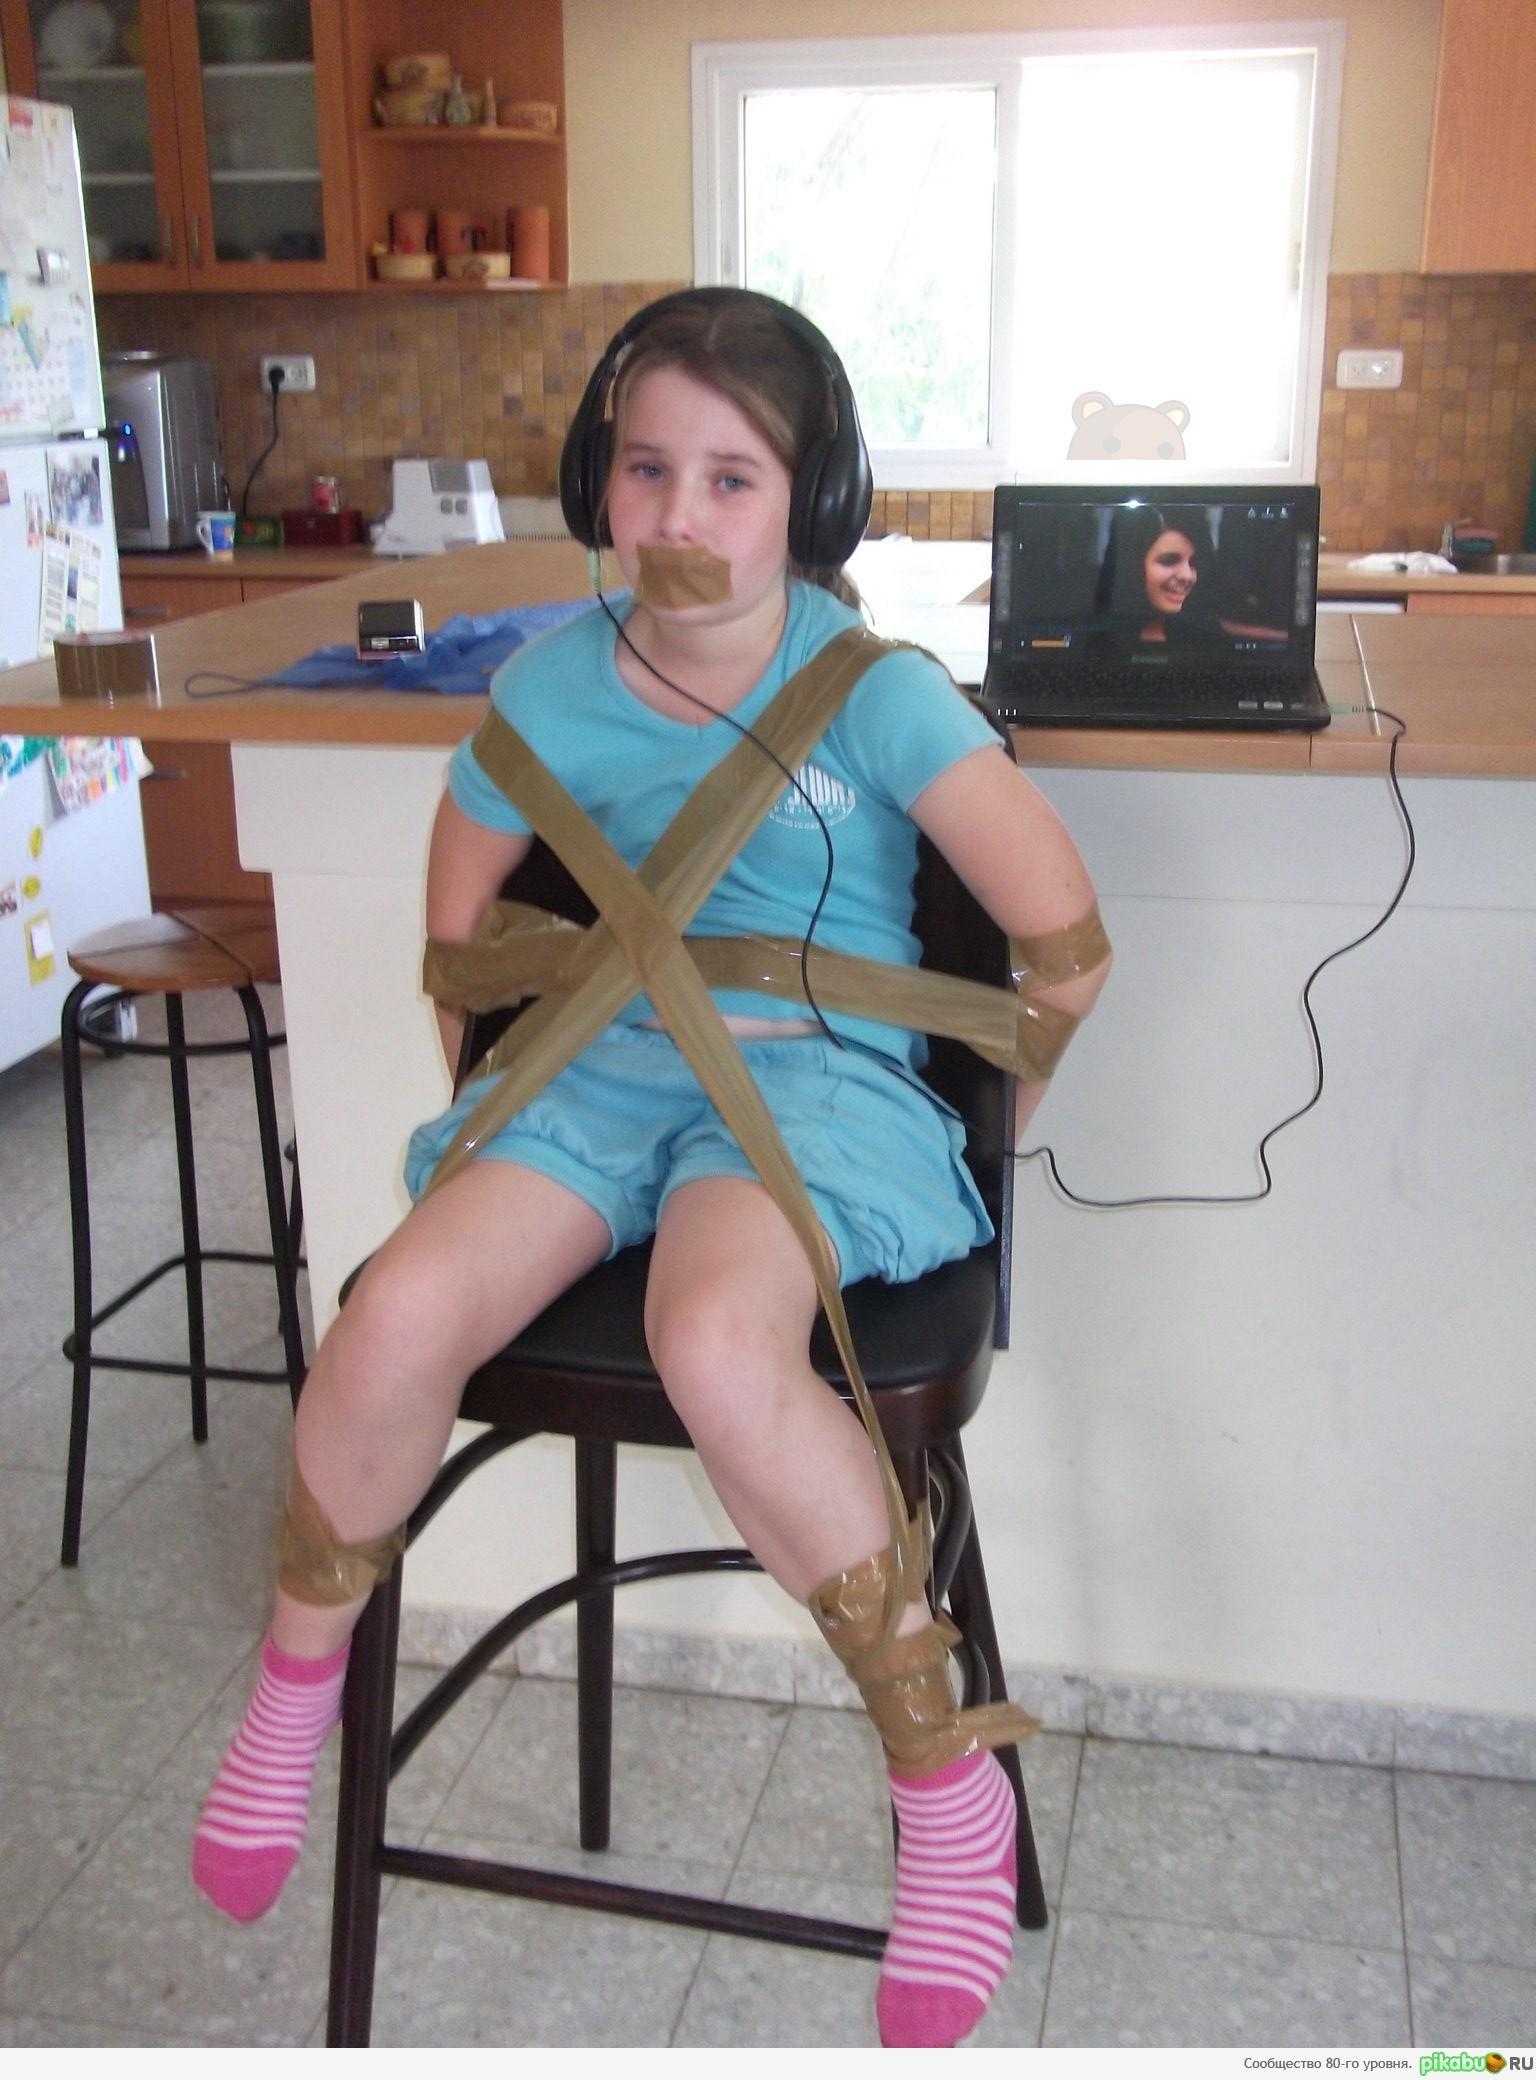 Связанные скотчем девочки фото 8 фотография